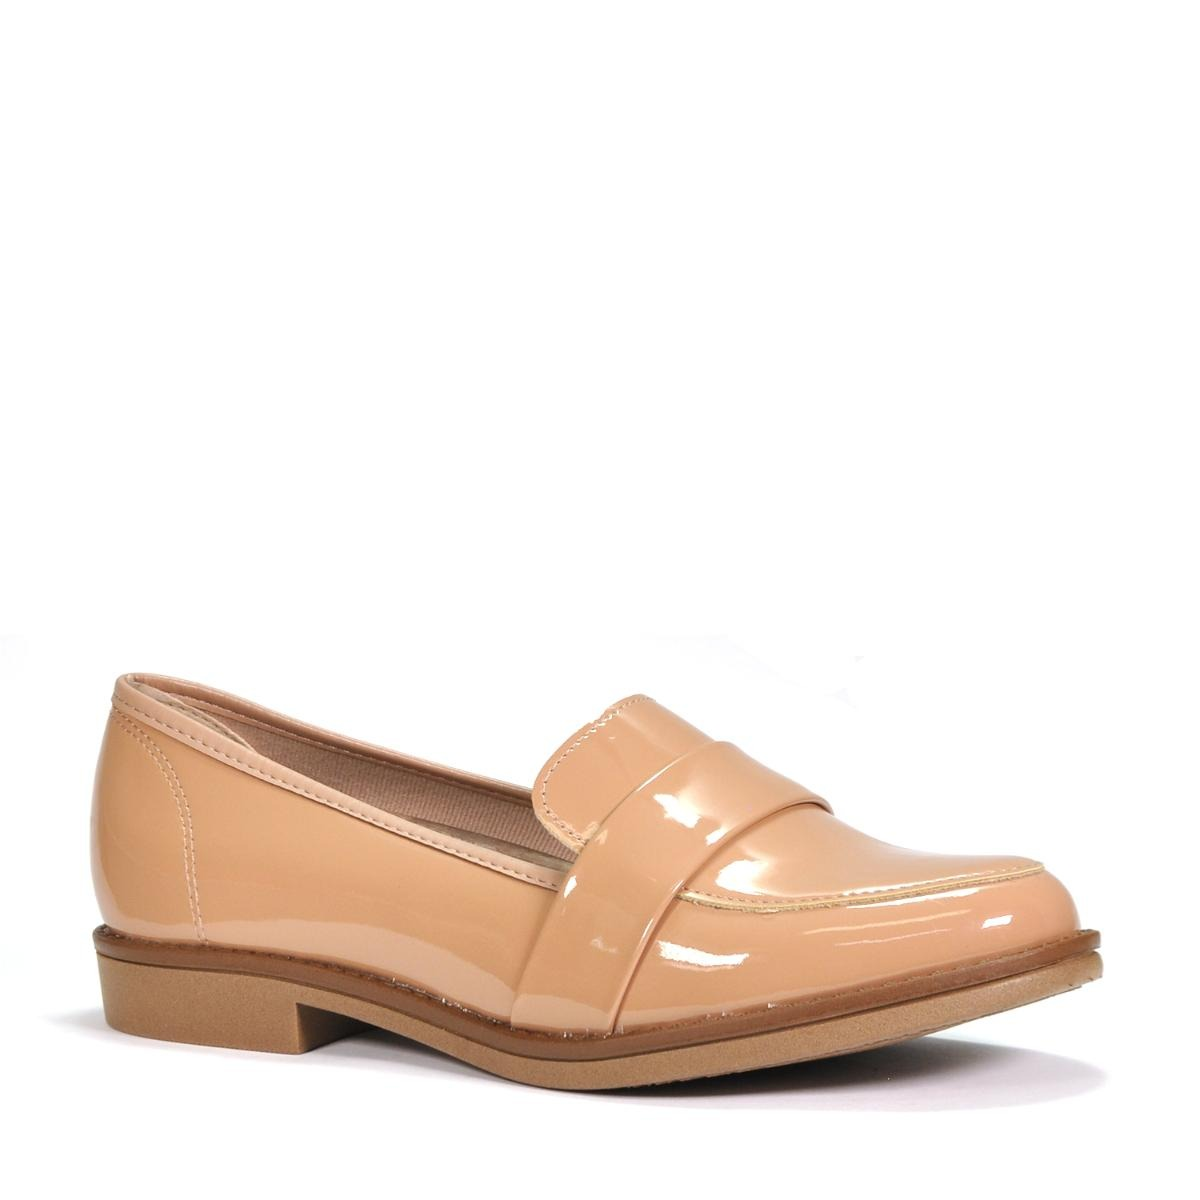 1b37d48e54 sapato feminino beira rio verniz premium 976182 original. Carregando zoom.